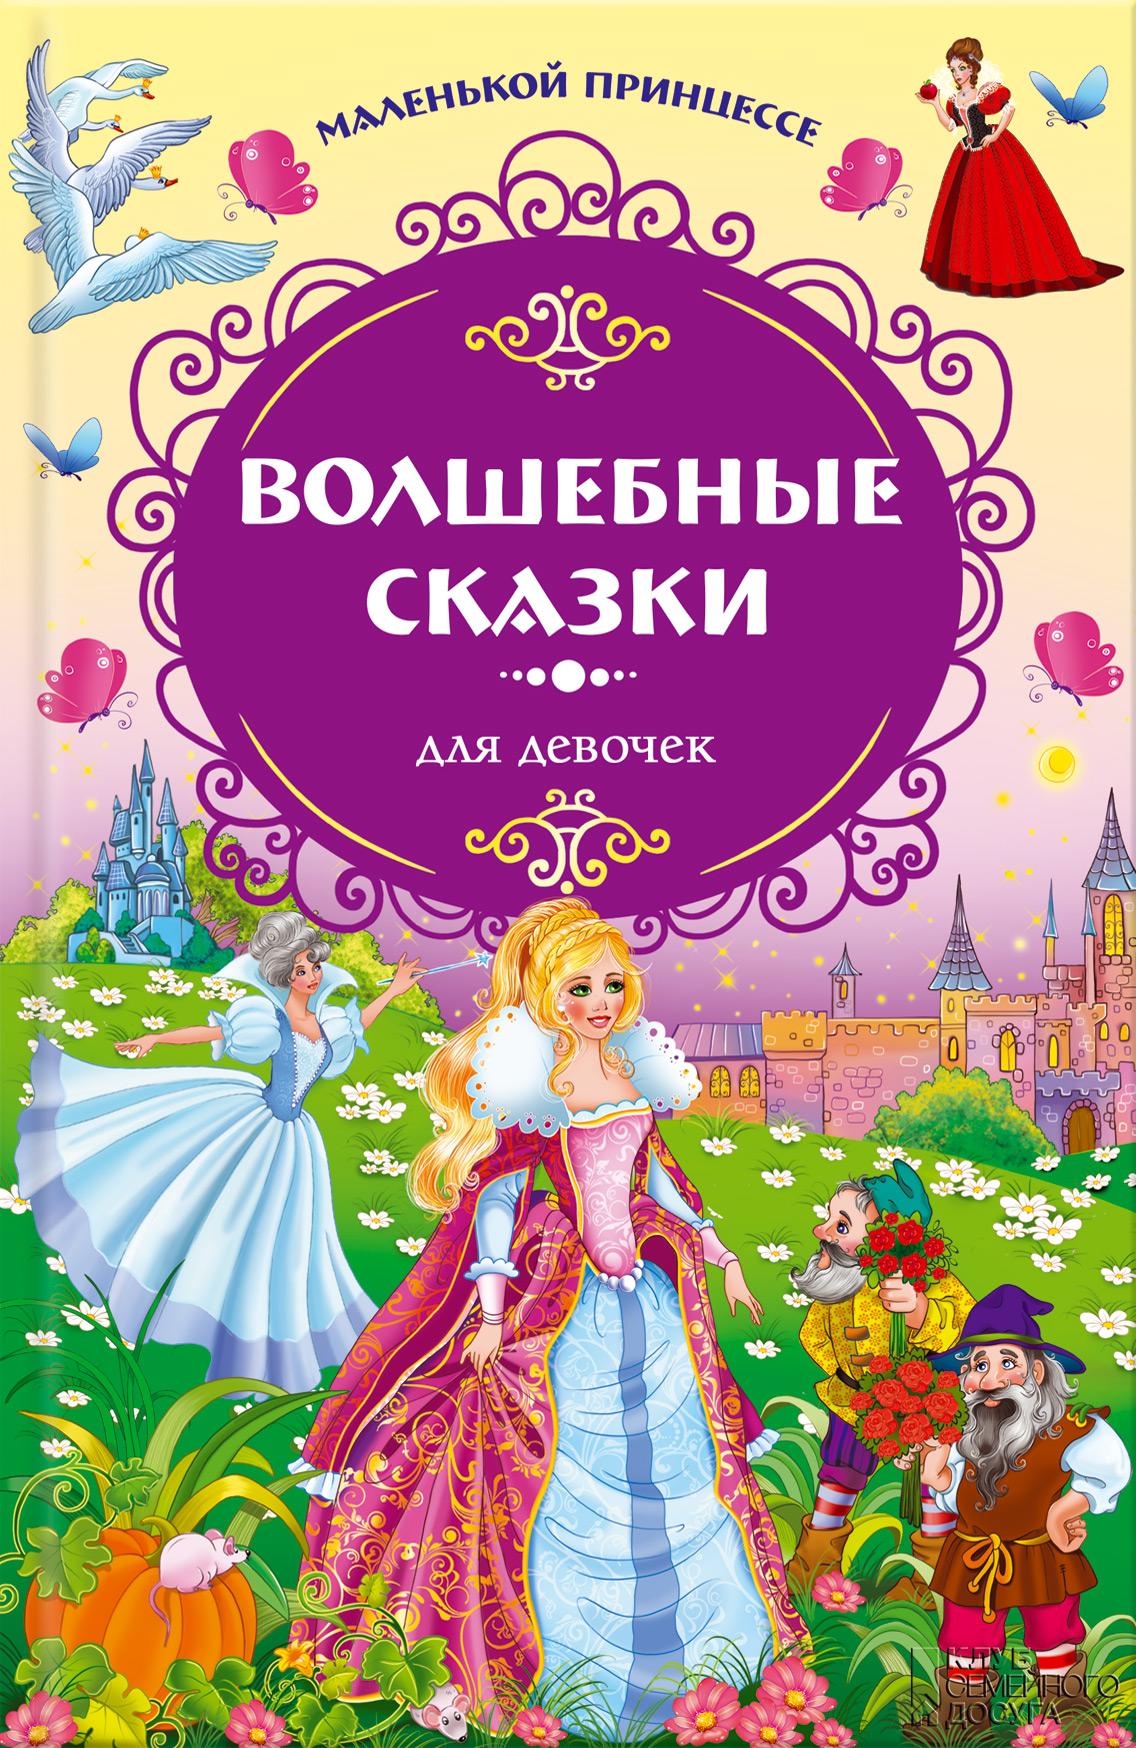 Ганс Христиан Андерсен Маленькой принцессе. Волшебные сказки для девочек волшебные сказки о принцах и принцессах